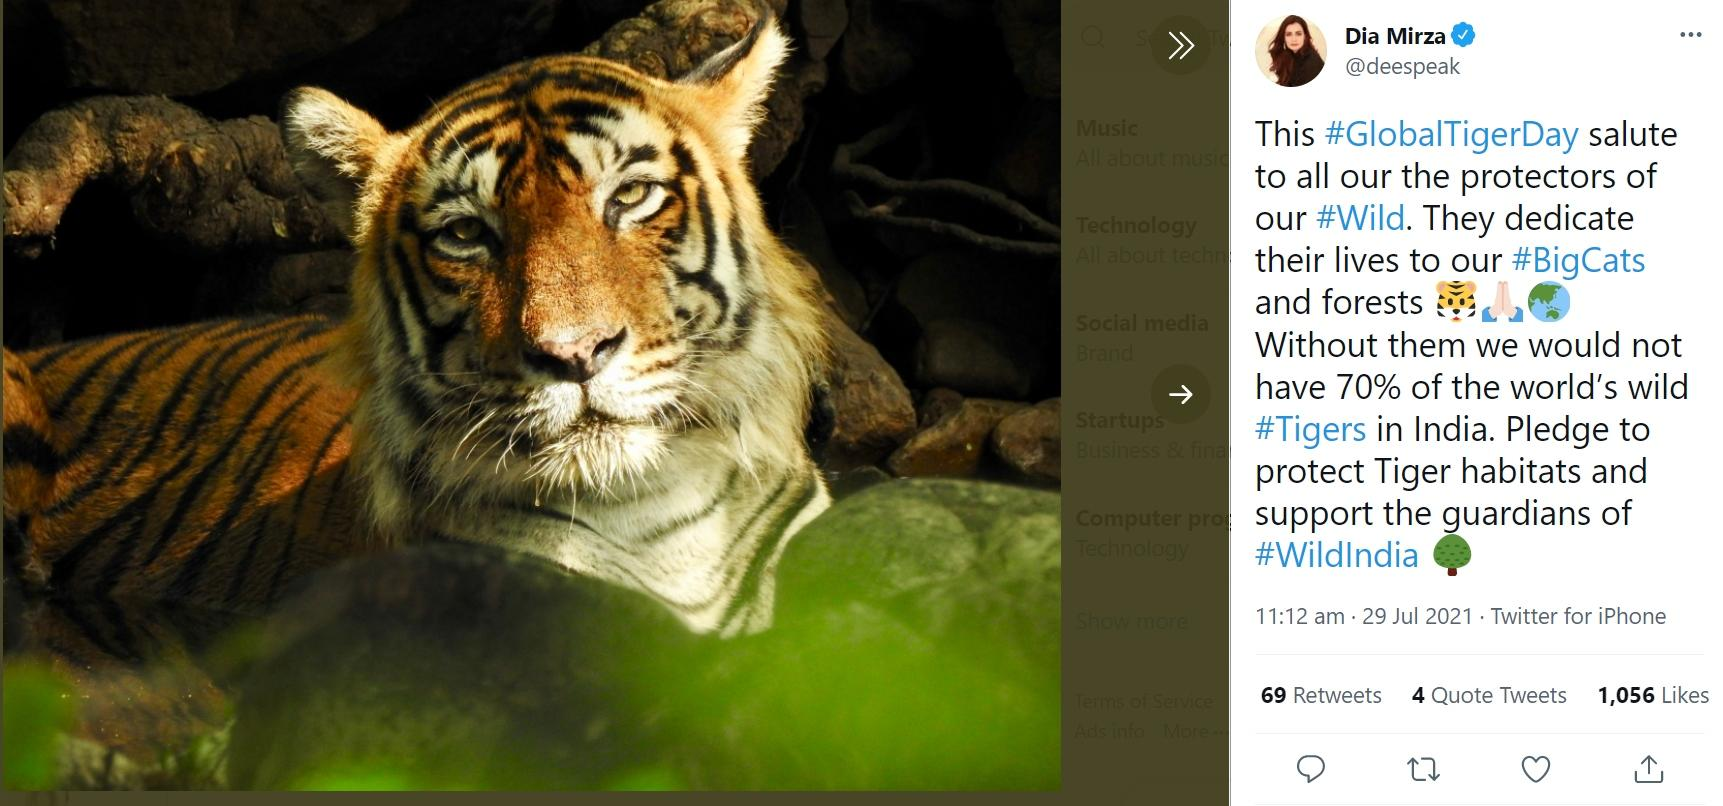 Dia Mirza tuiteó en el Día Internacional del Tigre